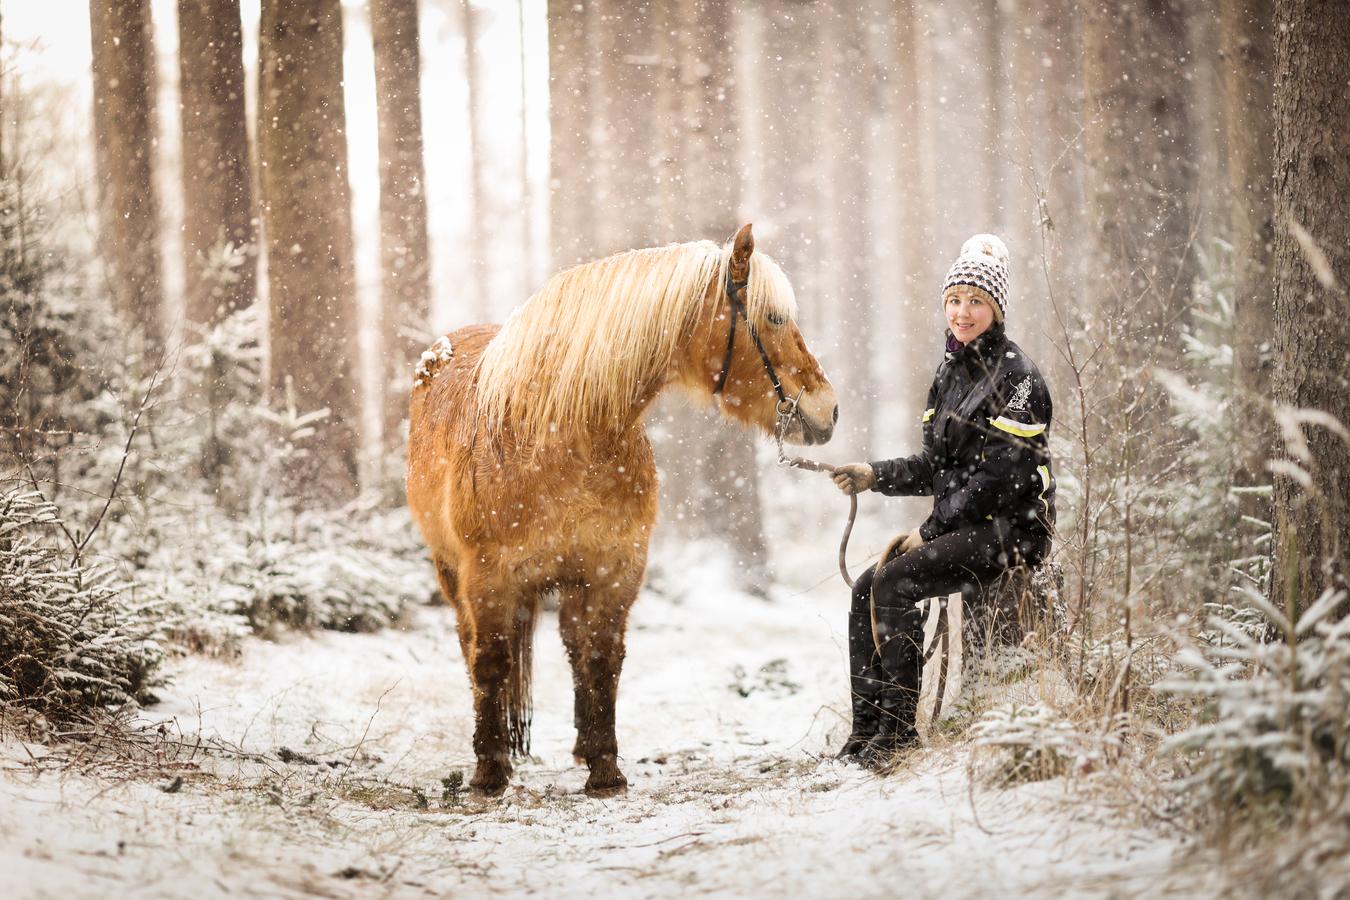 Když v lese sněží